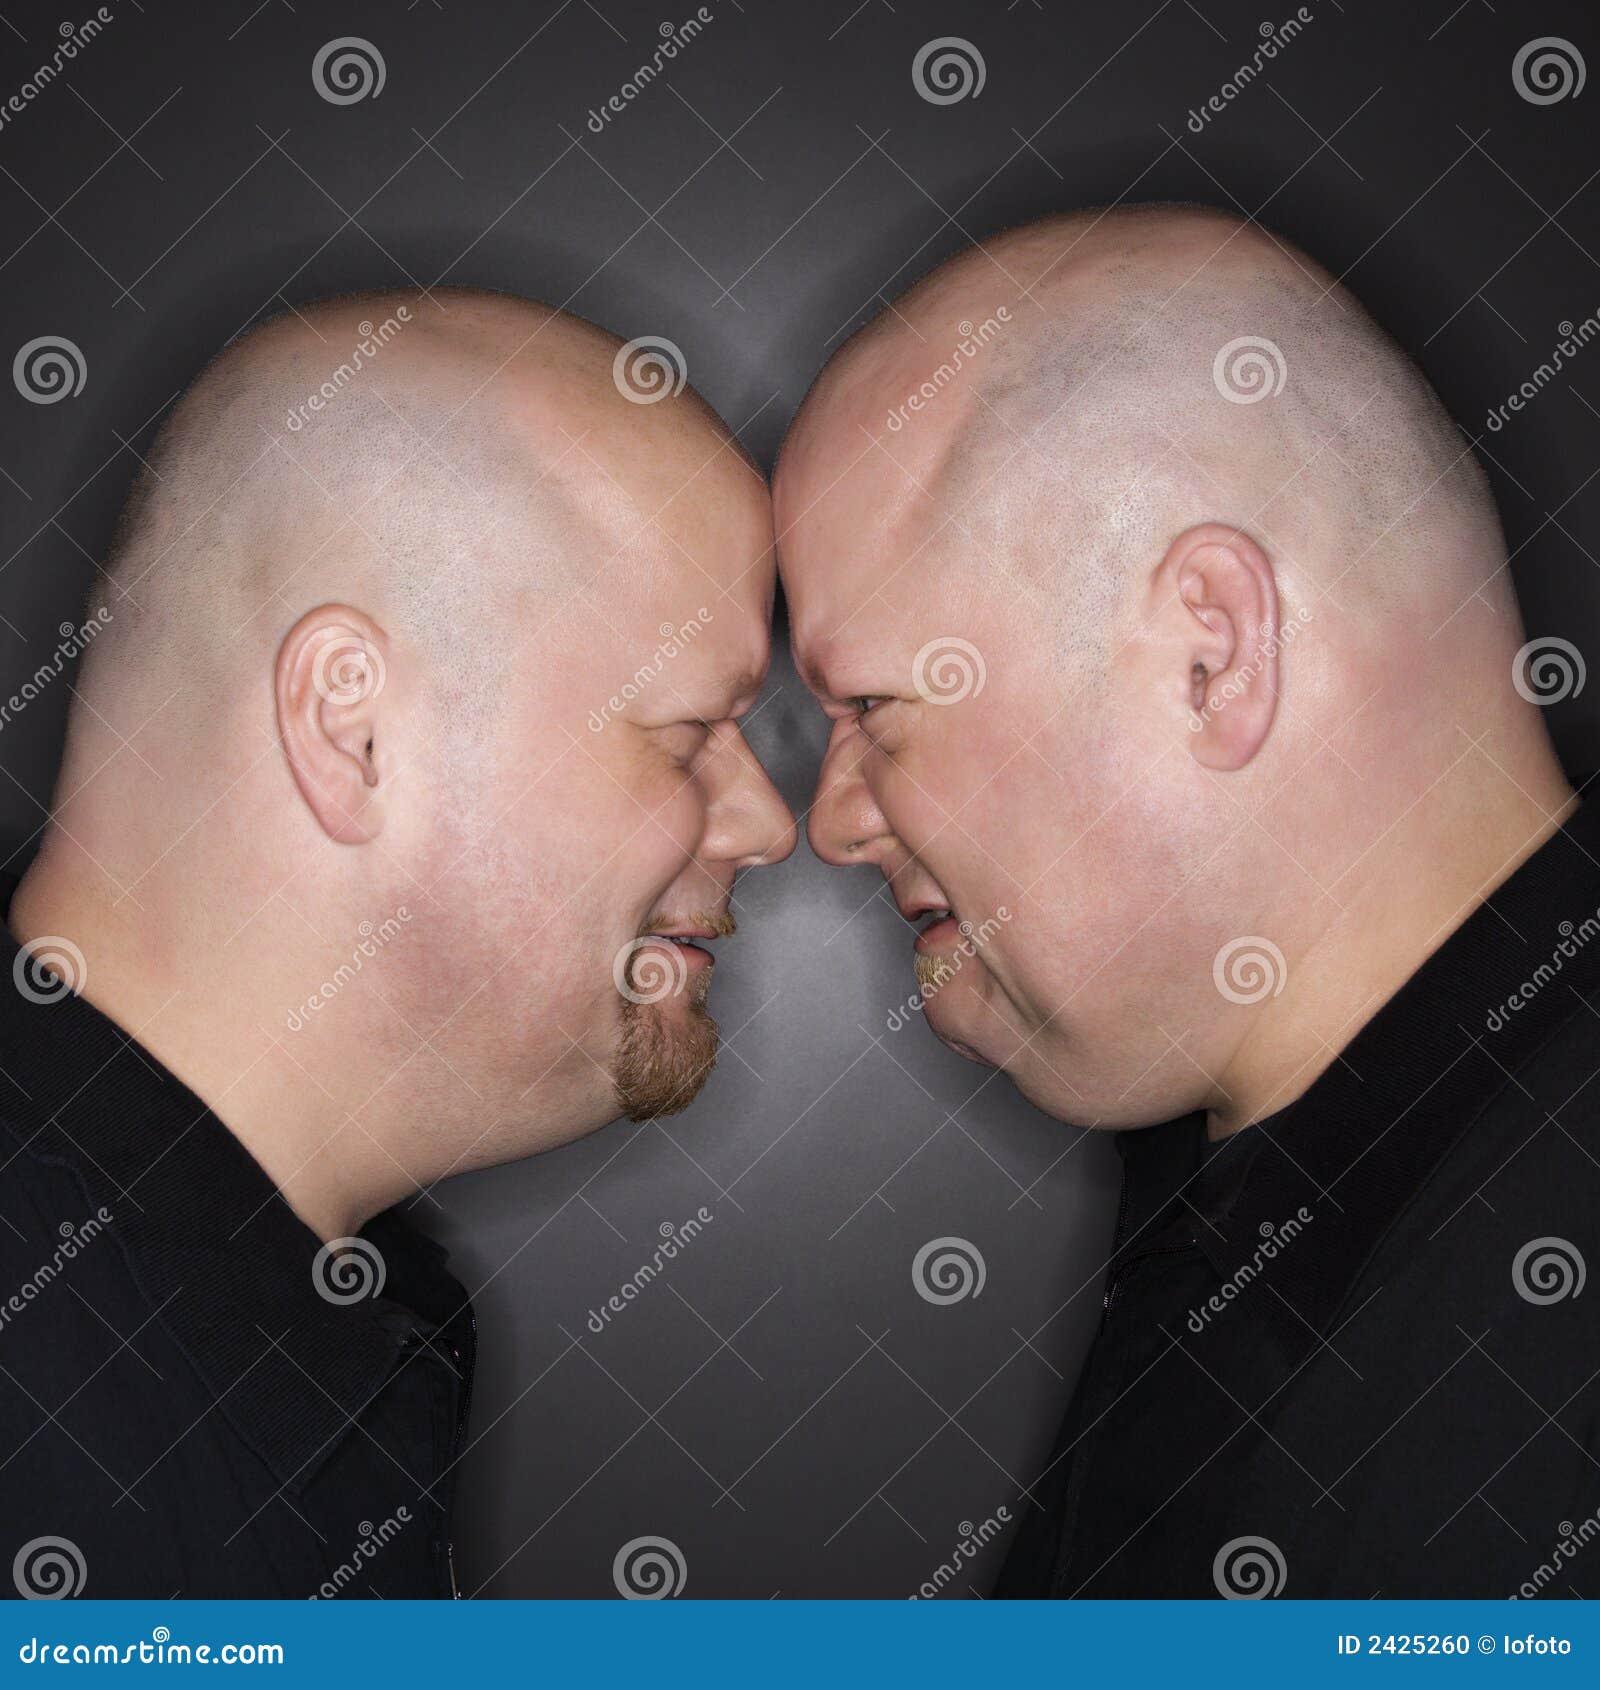 Hombres gemelos que hacen frente apagado.